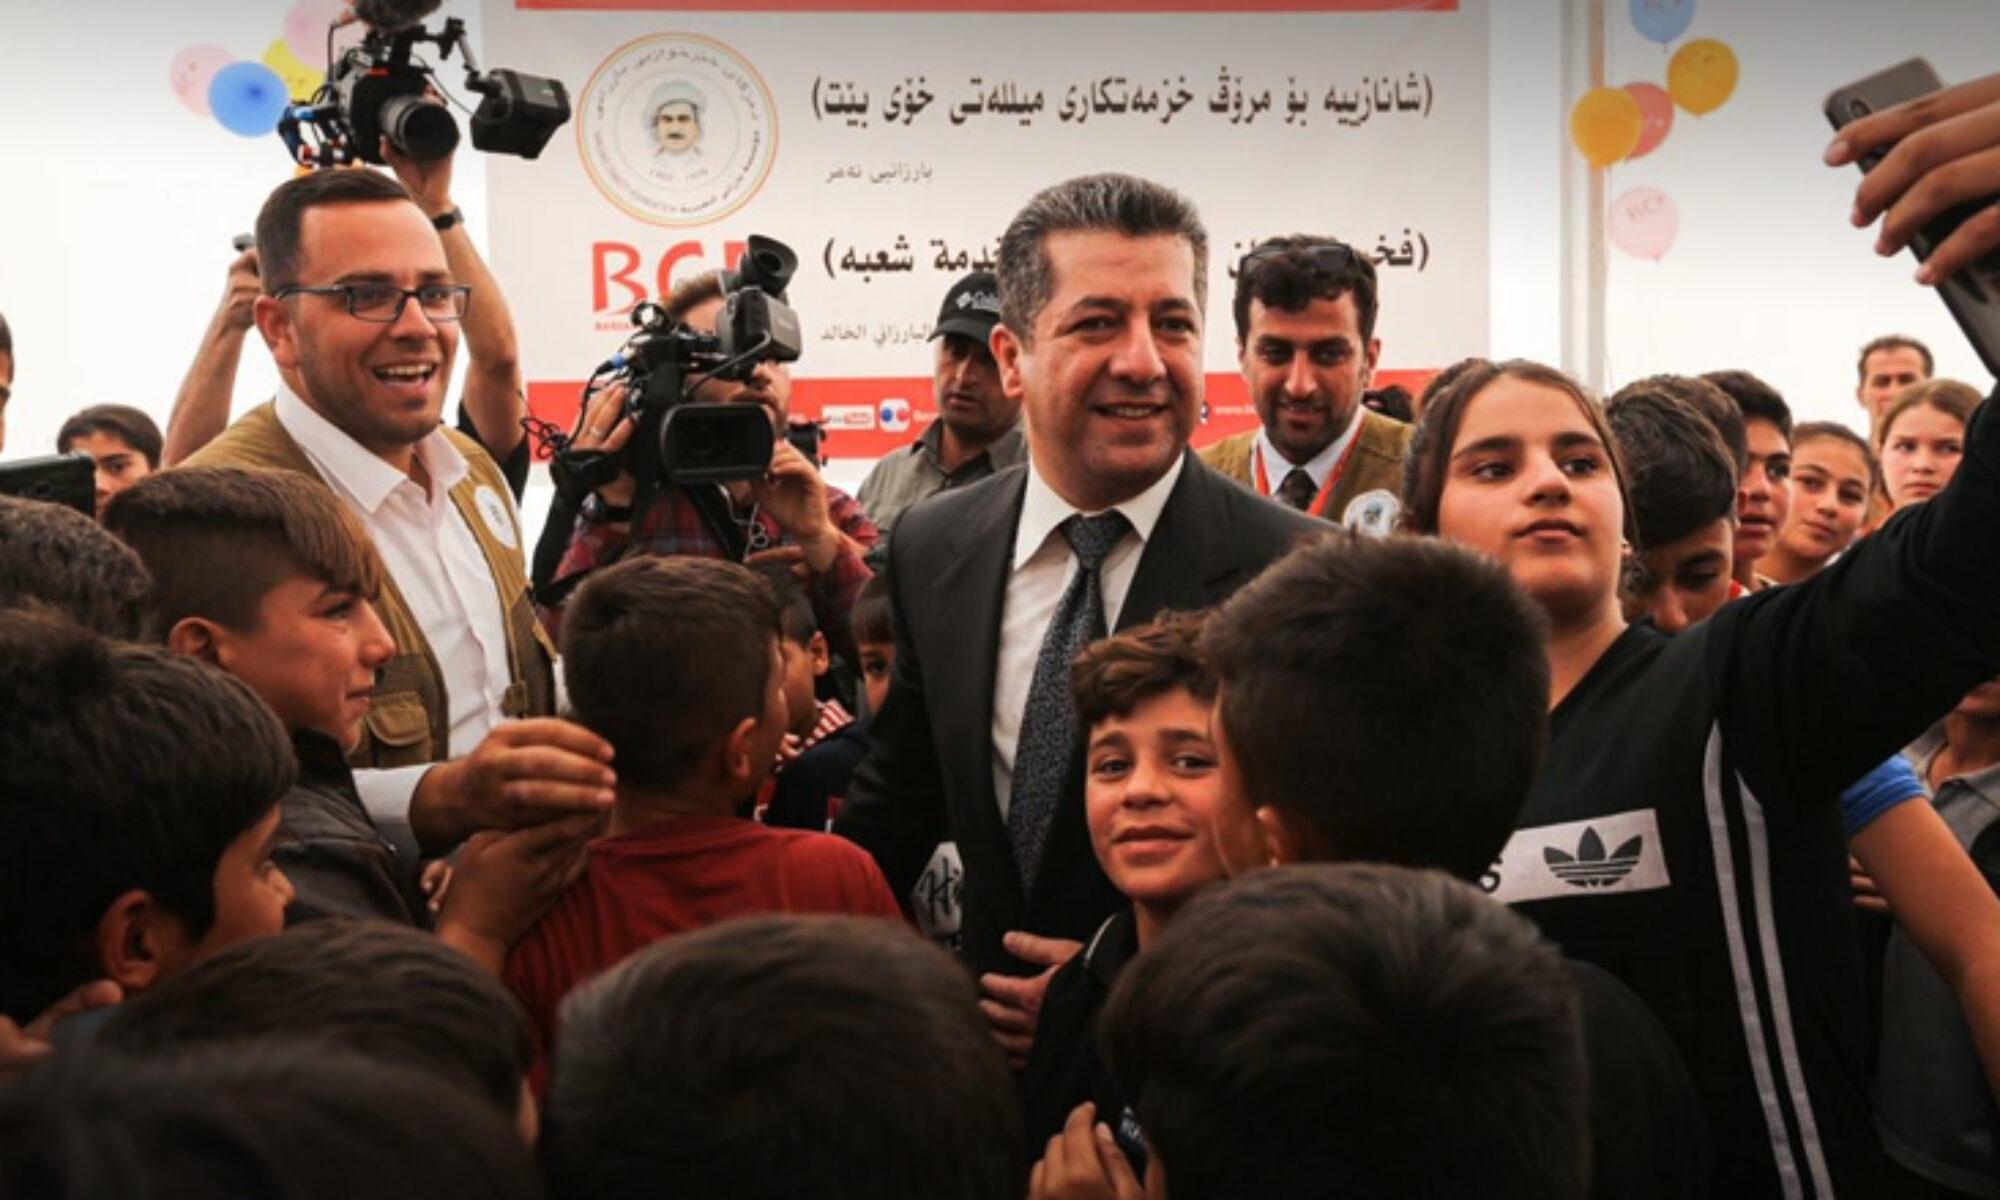 Mesrur Barzani Dünya Mülteciler Gününde Kürdistan'da ki 1 milyon mülteciye seslendi: Burası sizin eviniz